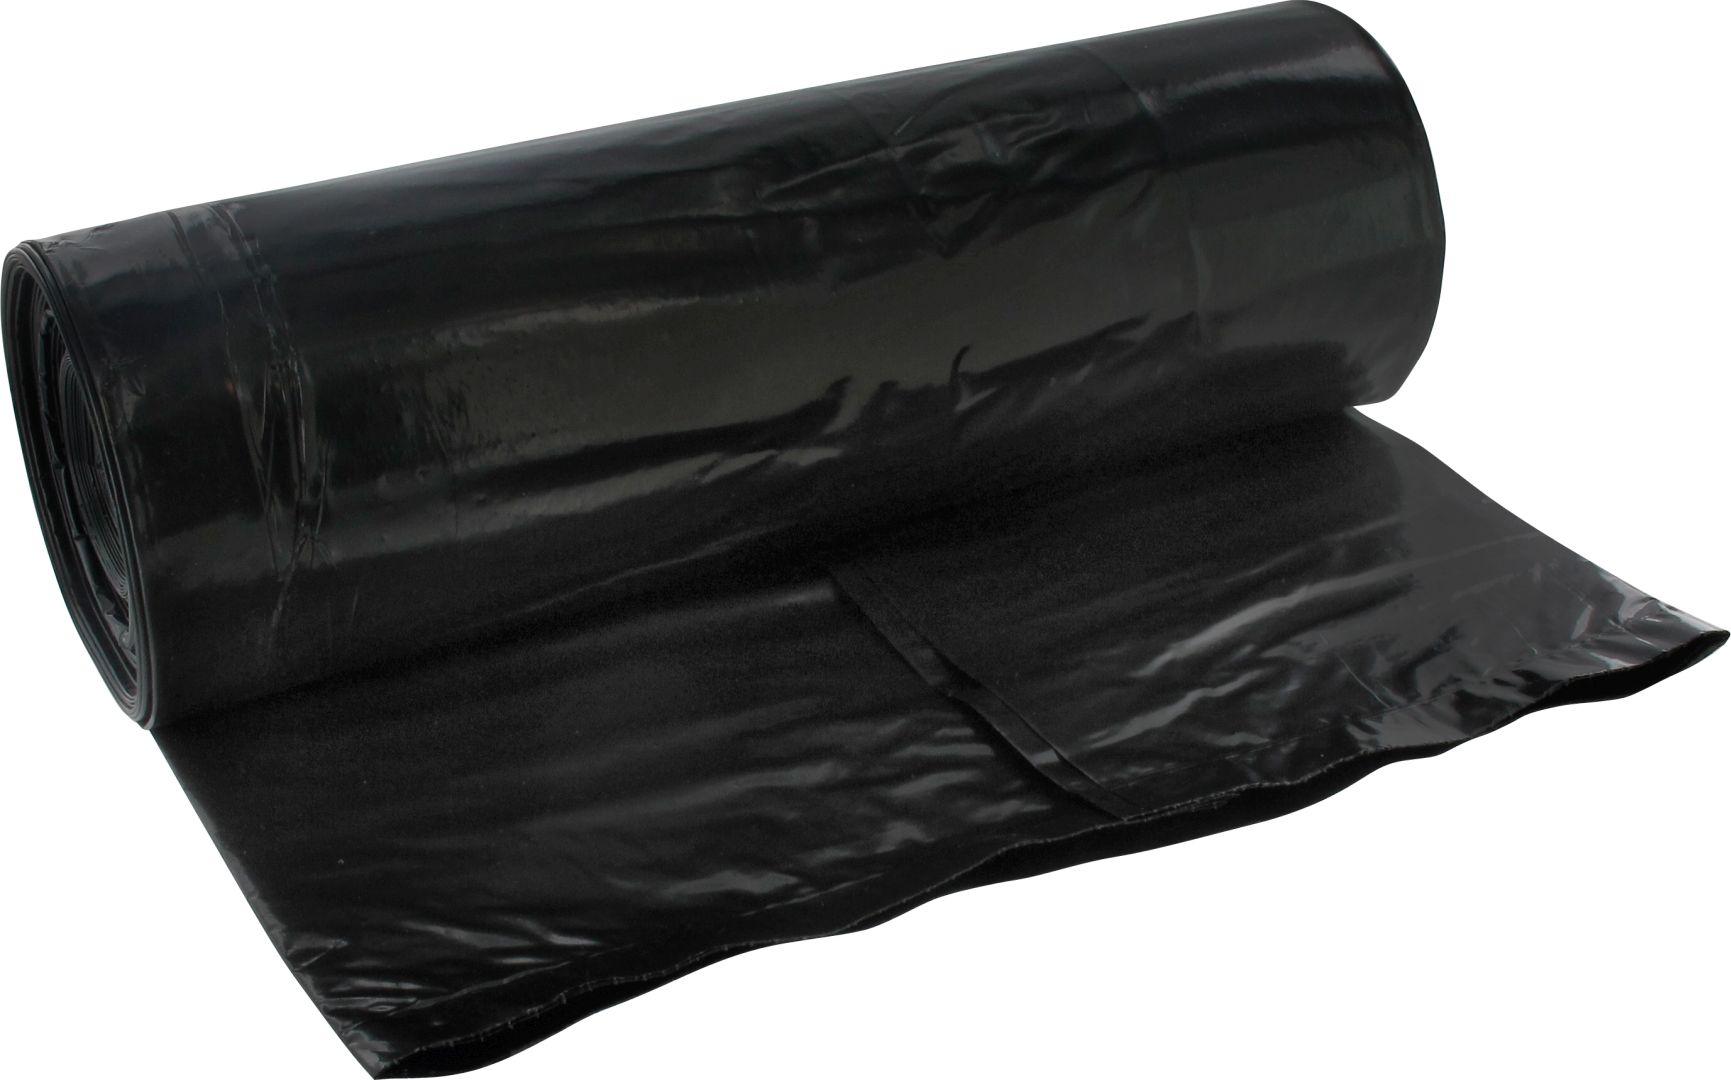 TRIUSO Schwerlast-Abfallsäcke, schwarz, 240 l, 10 Stück pro Rolle